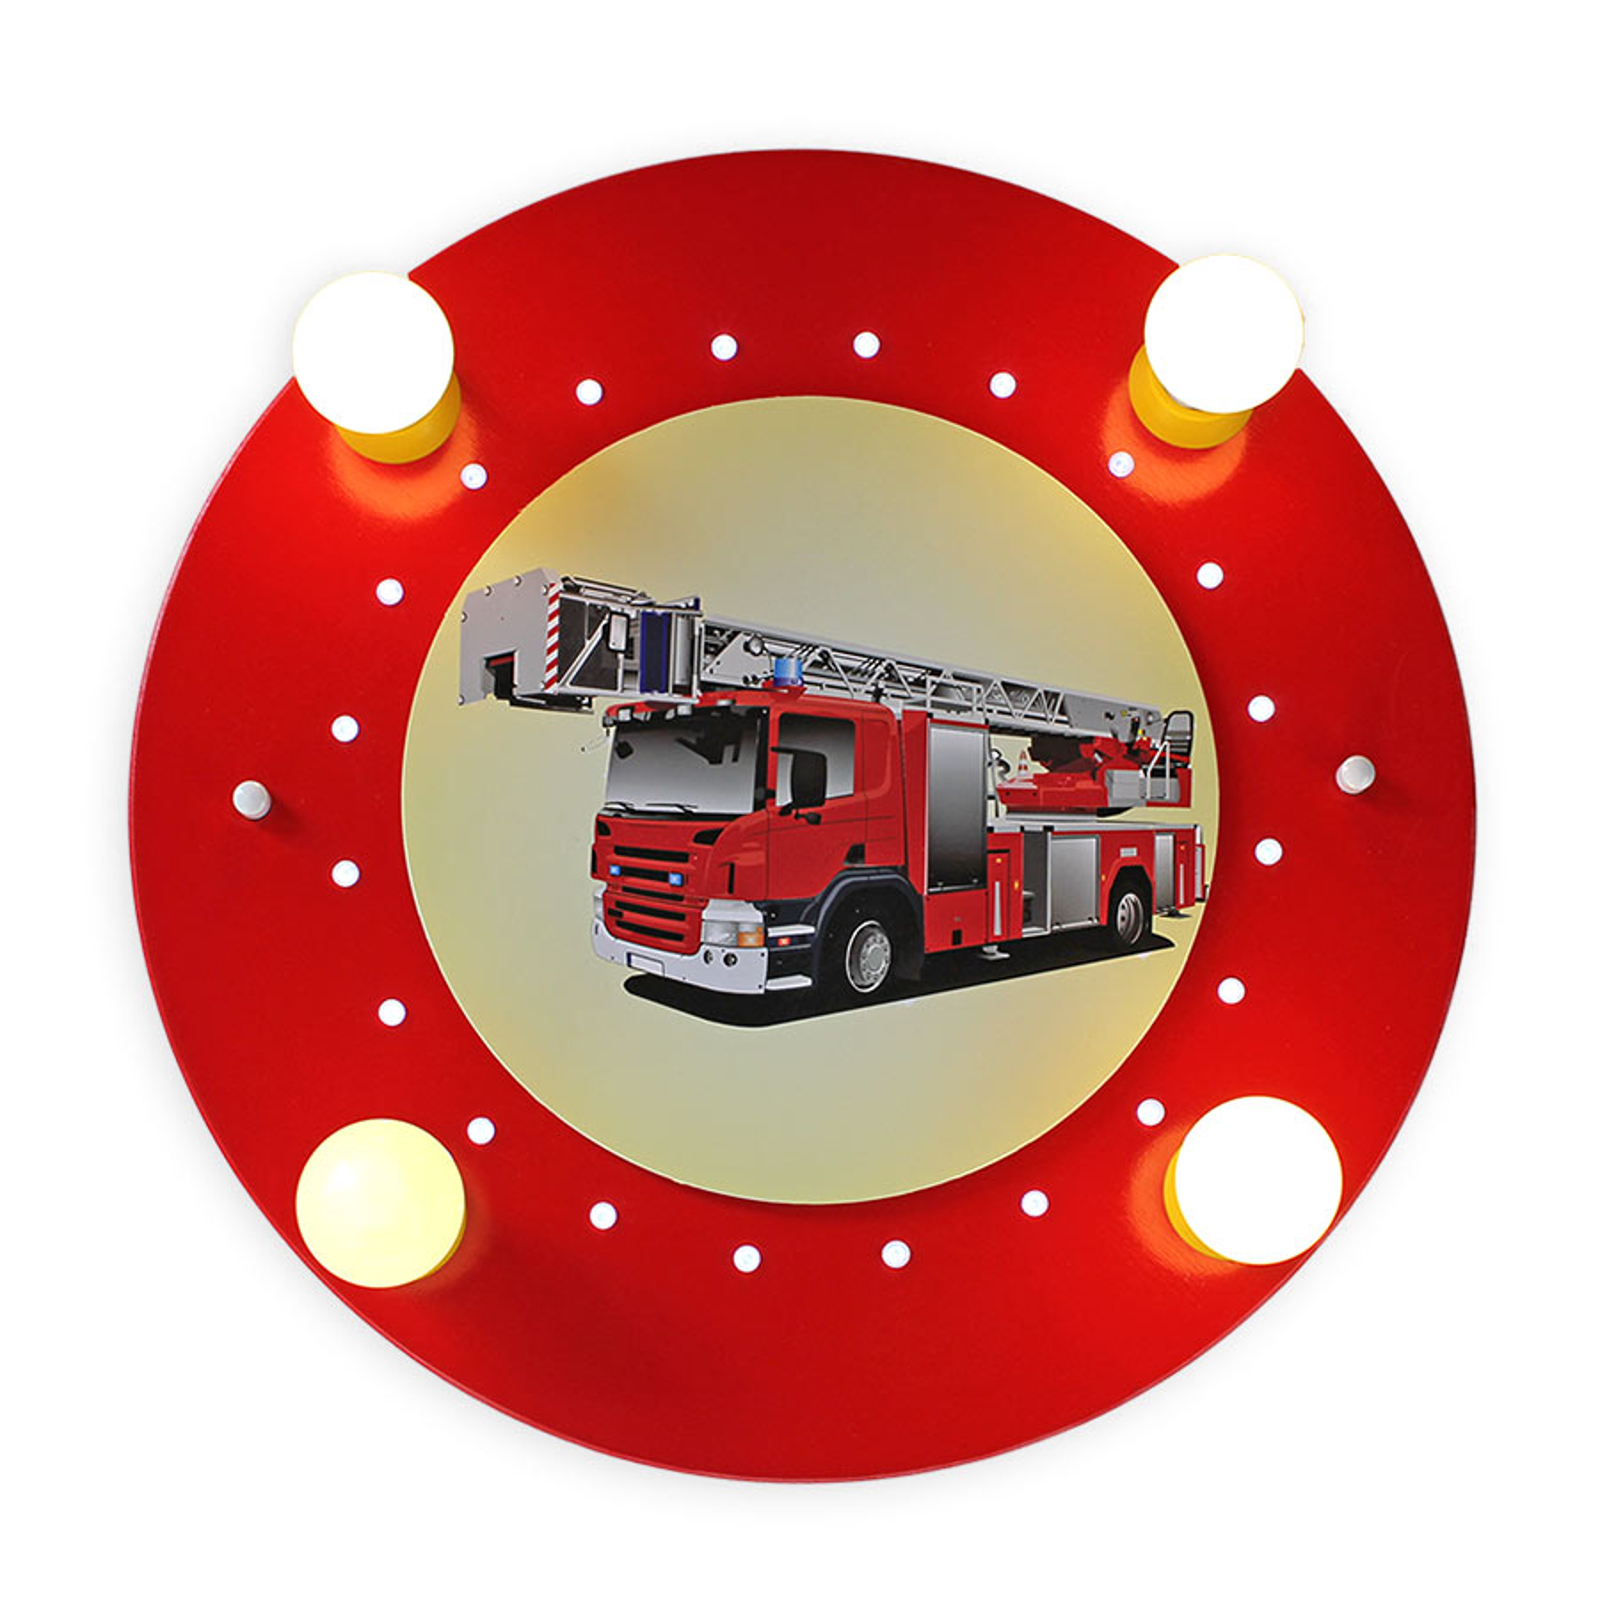 Deckenleuchte Feuerwehrauto, rot-gelb, vierflammig